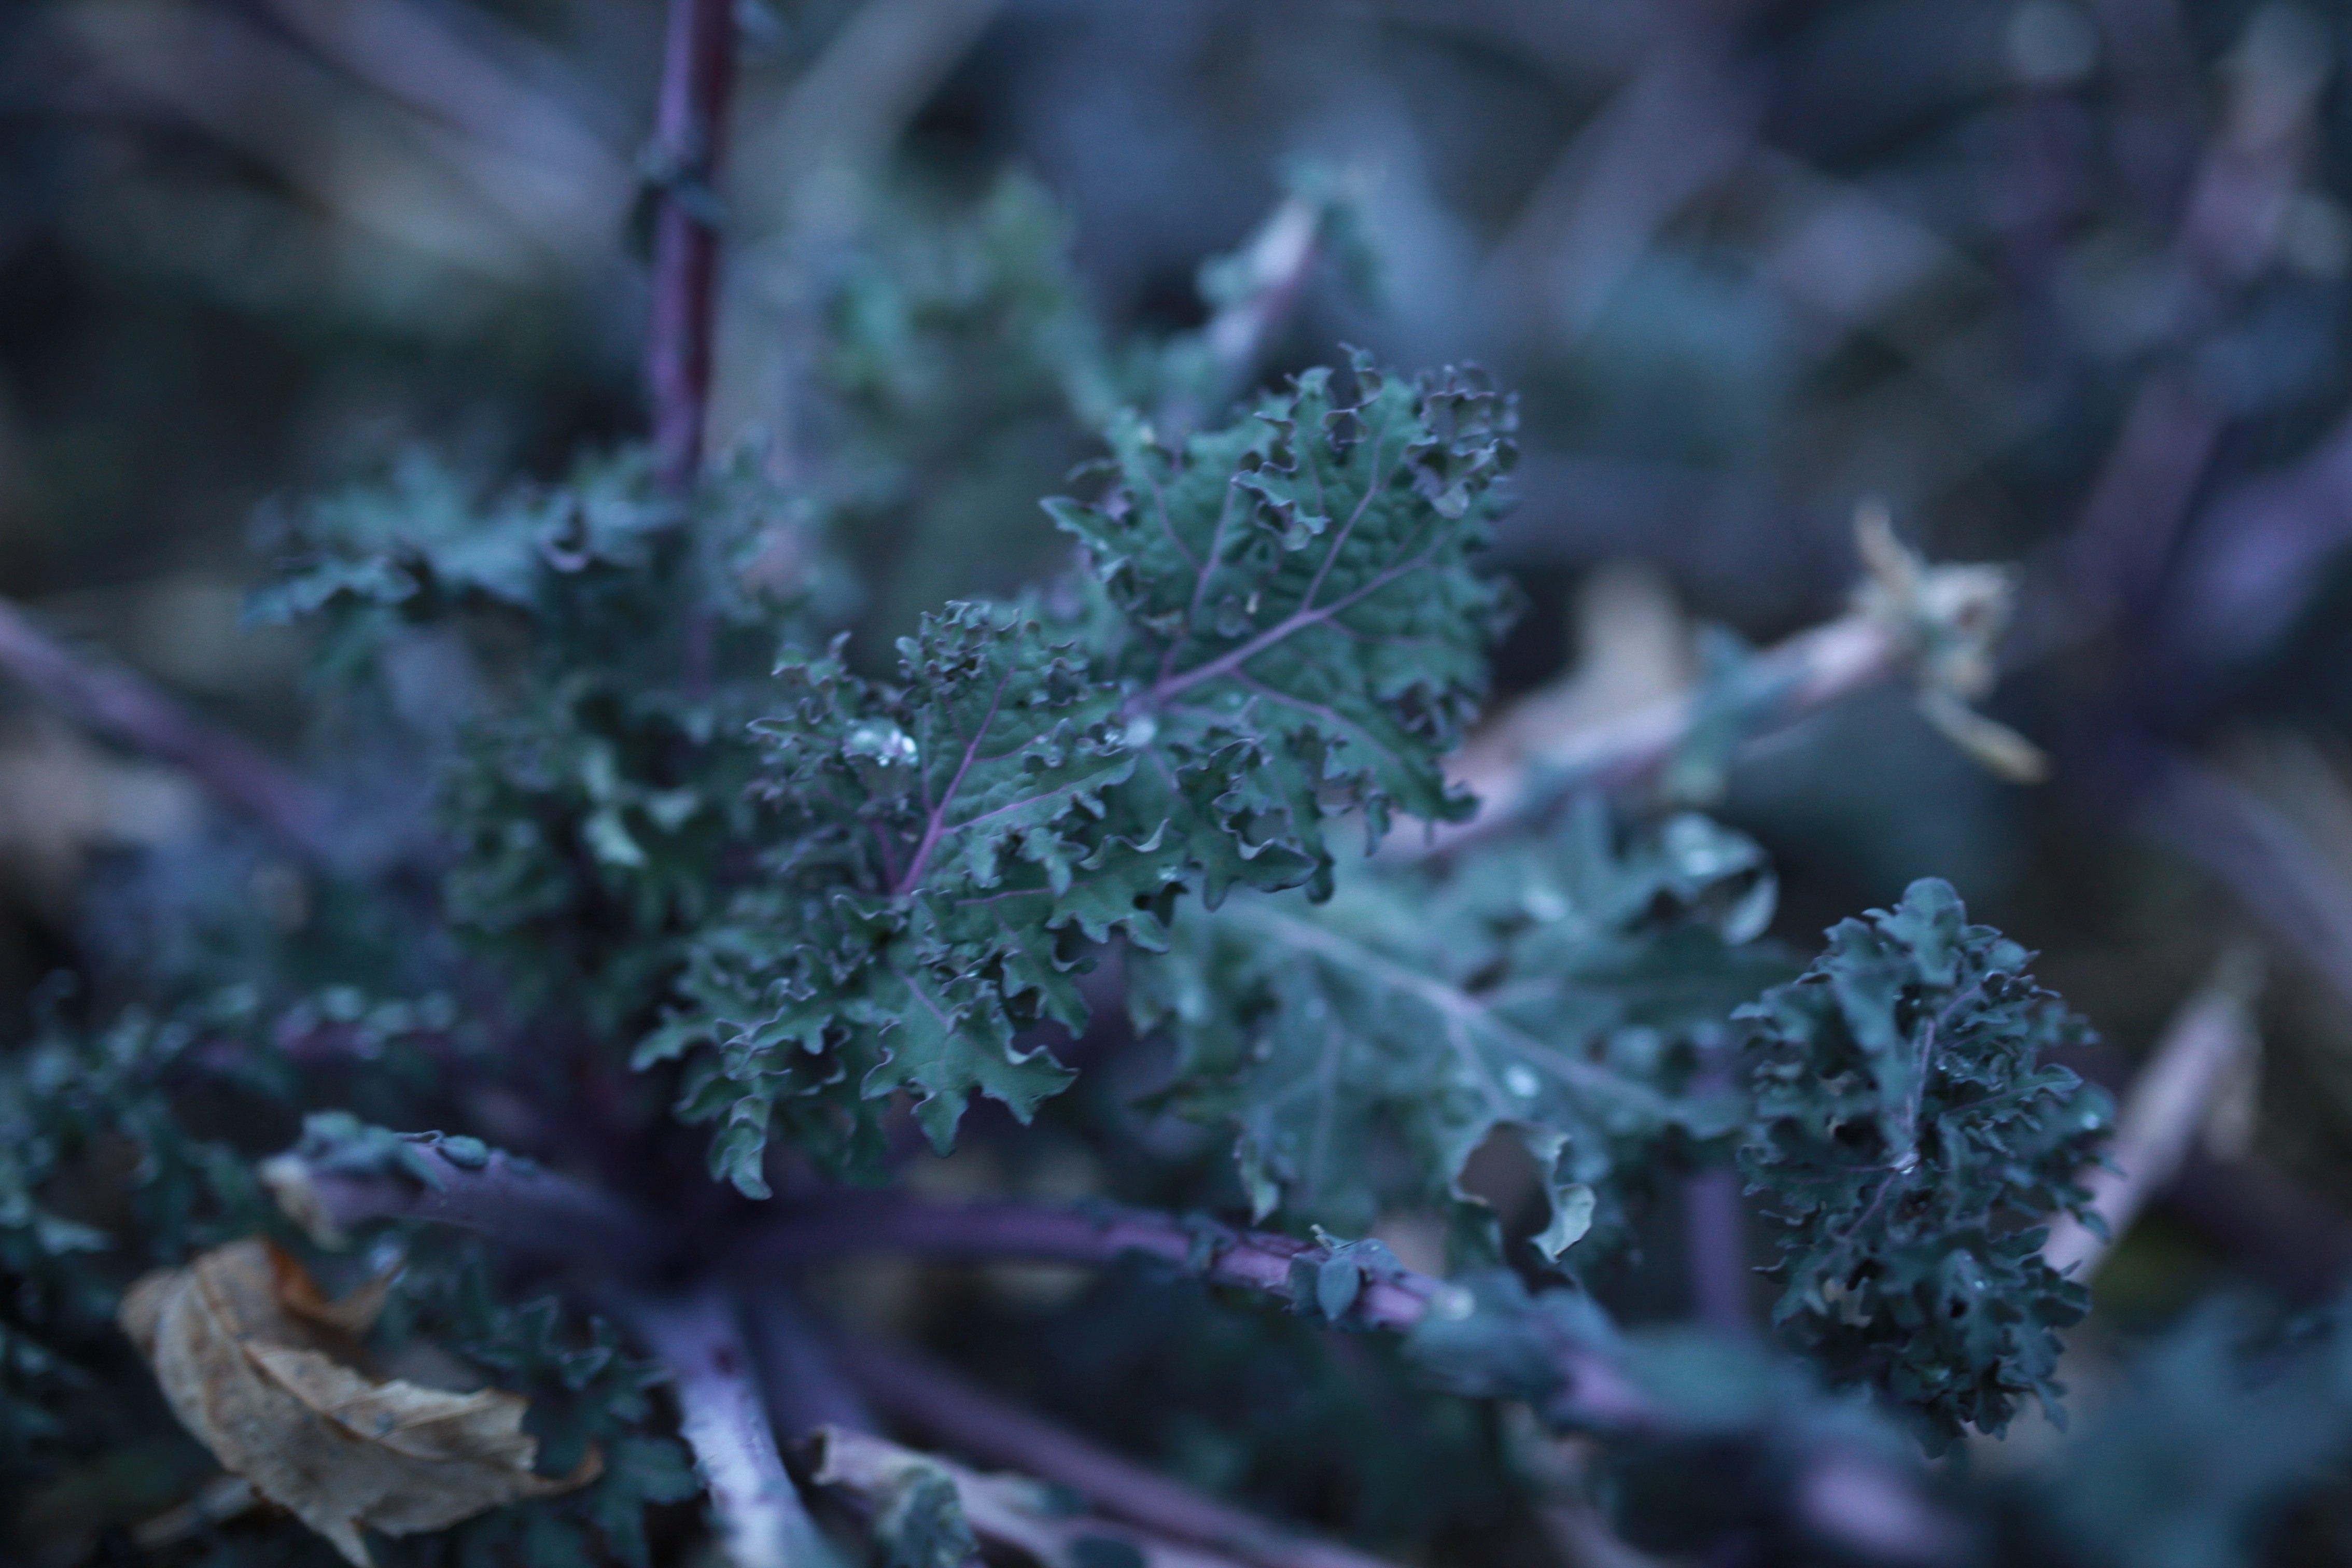 Kale in Nov